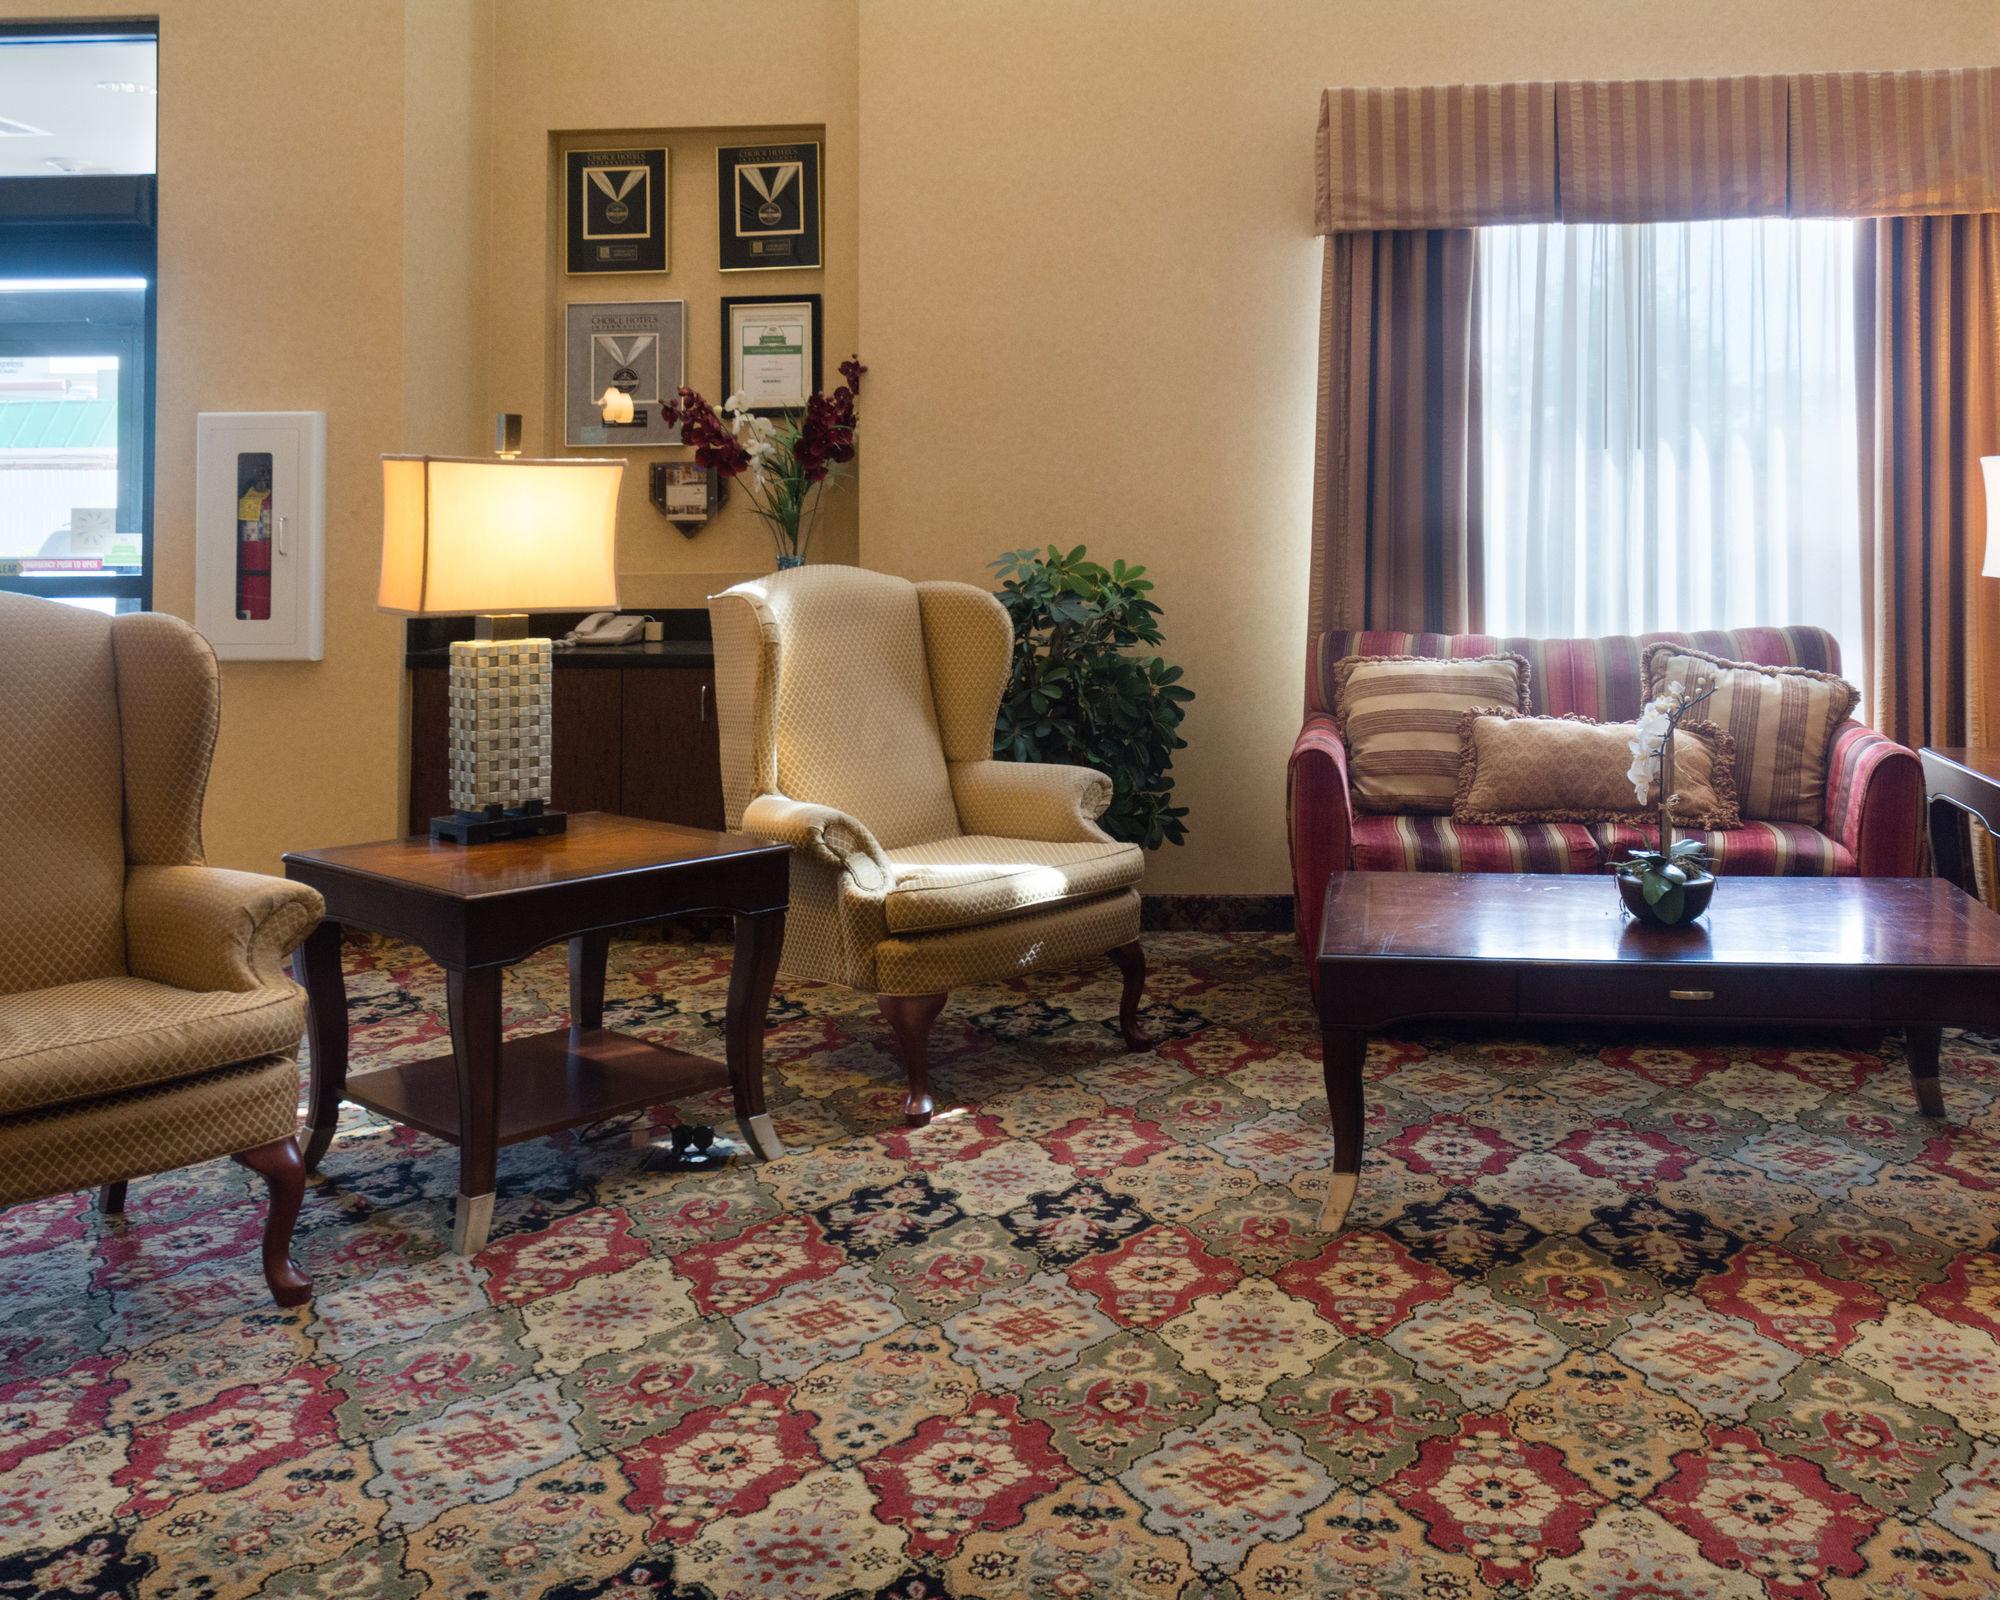 Comfort Suites in Fredericksburg, VA